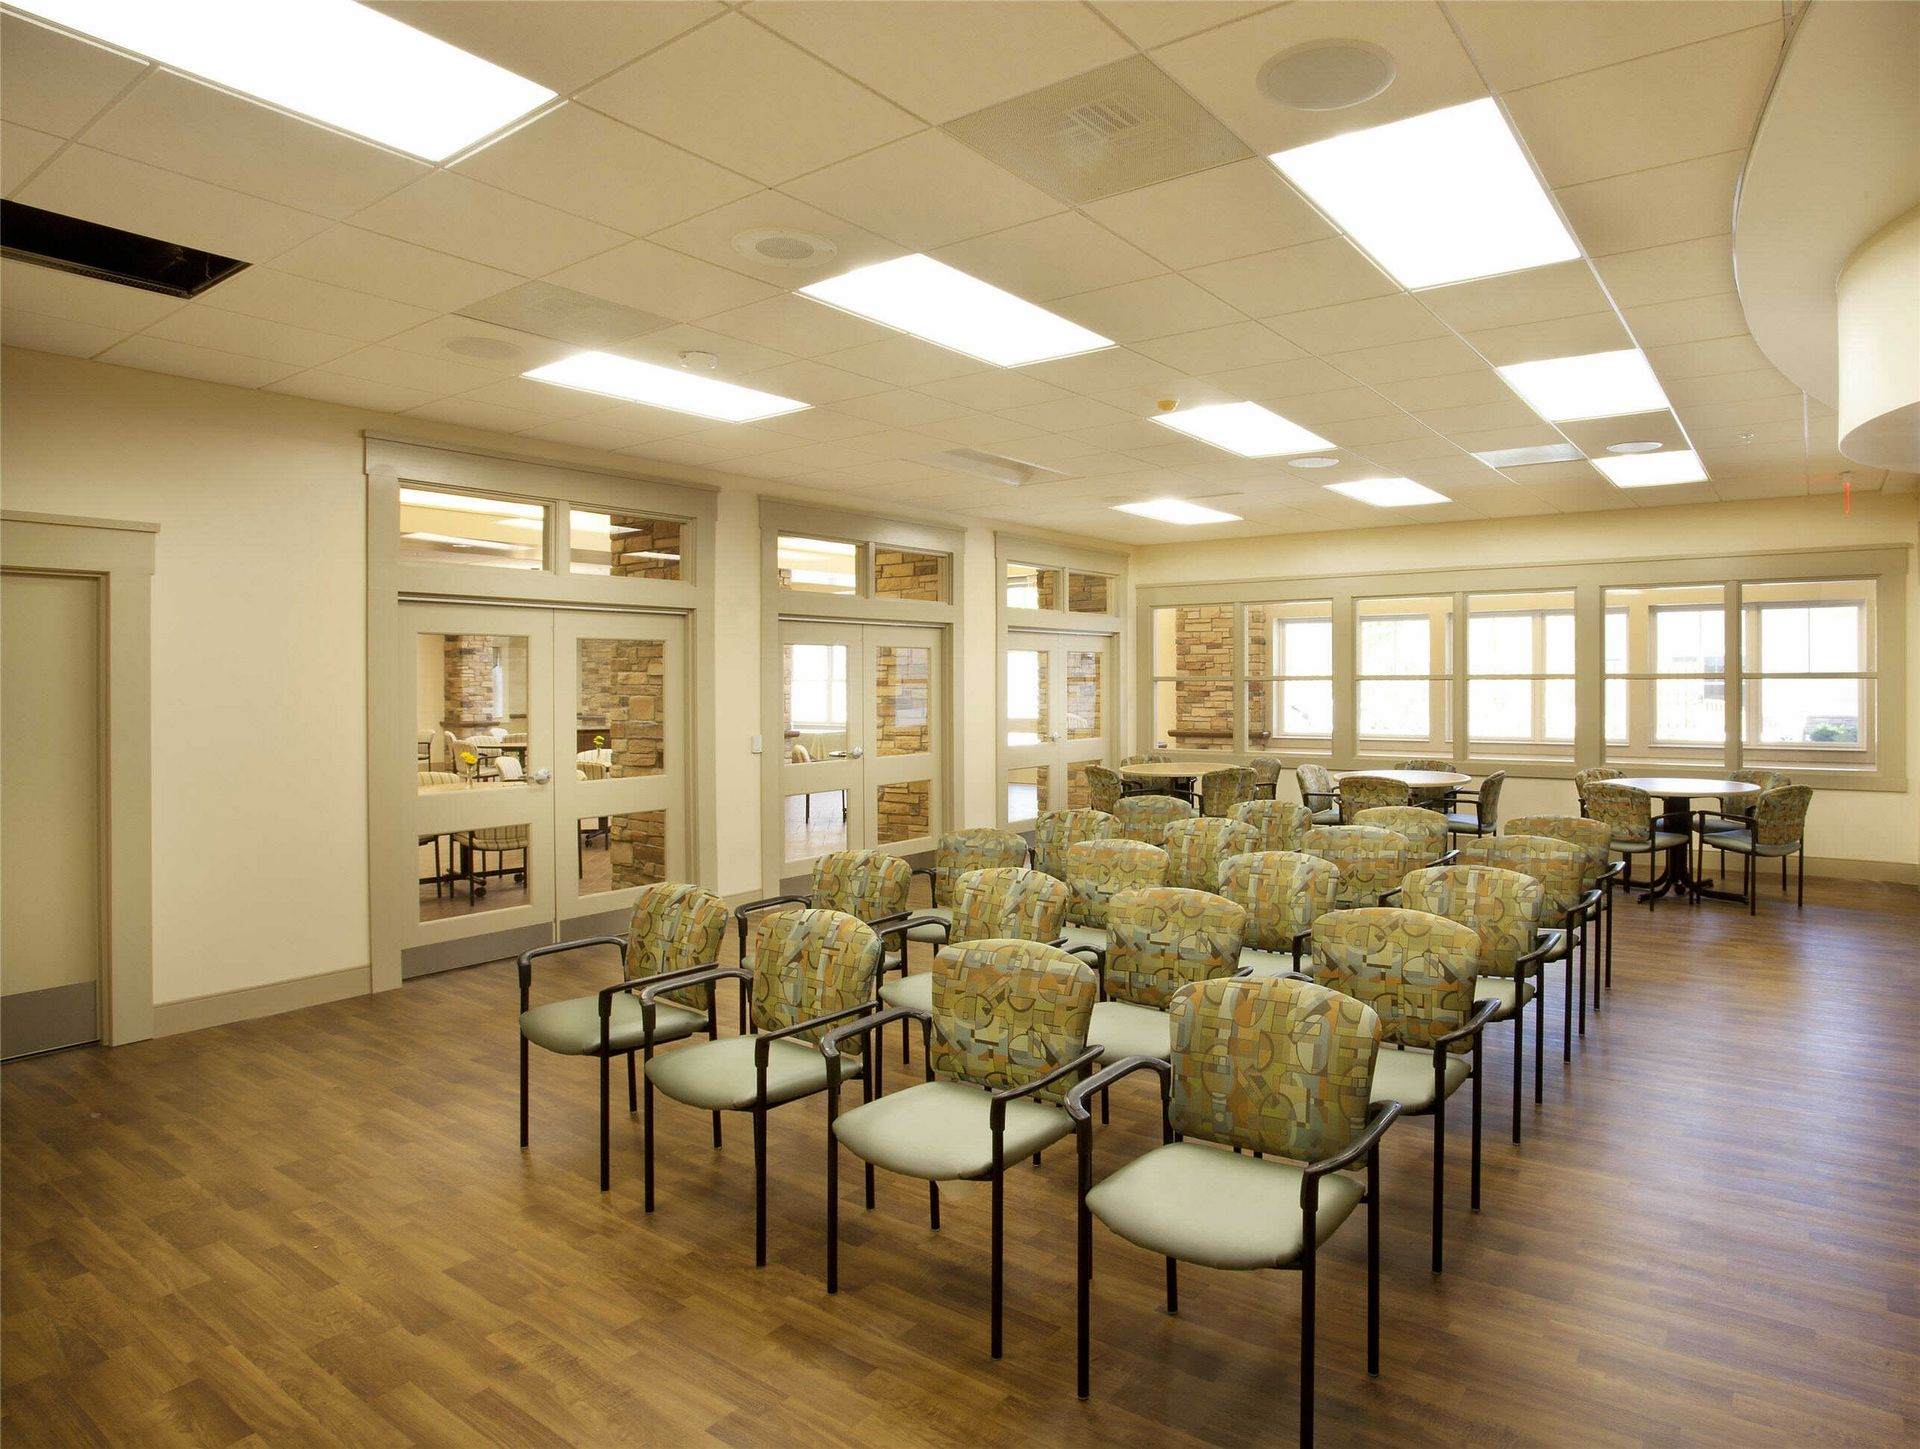 Kahl Home Skilled Nursing Design Gathering Room